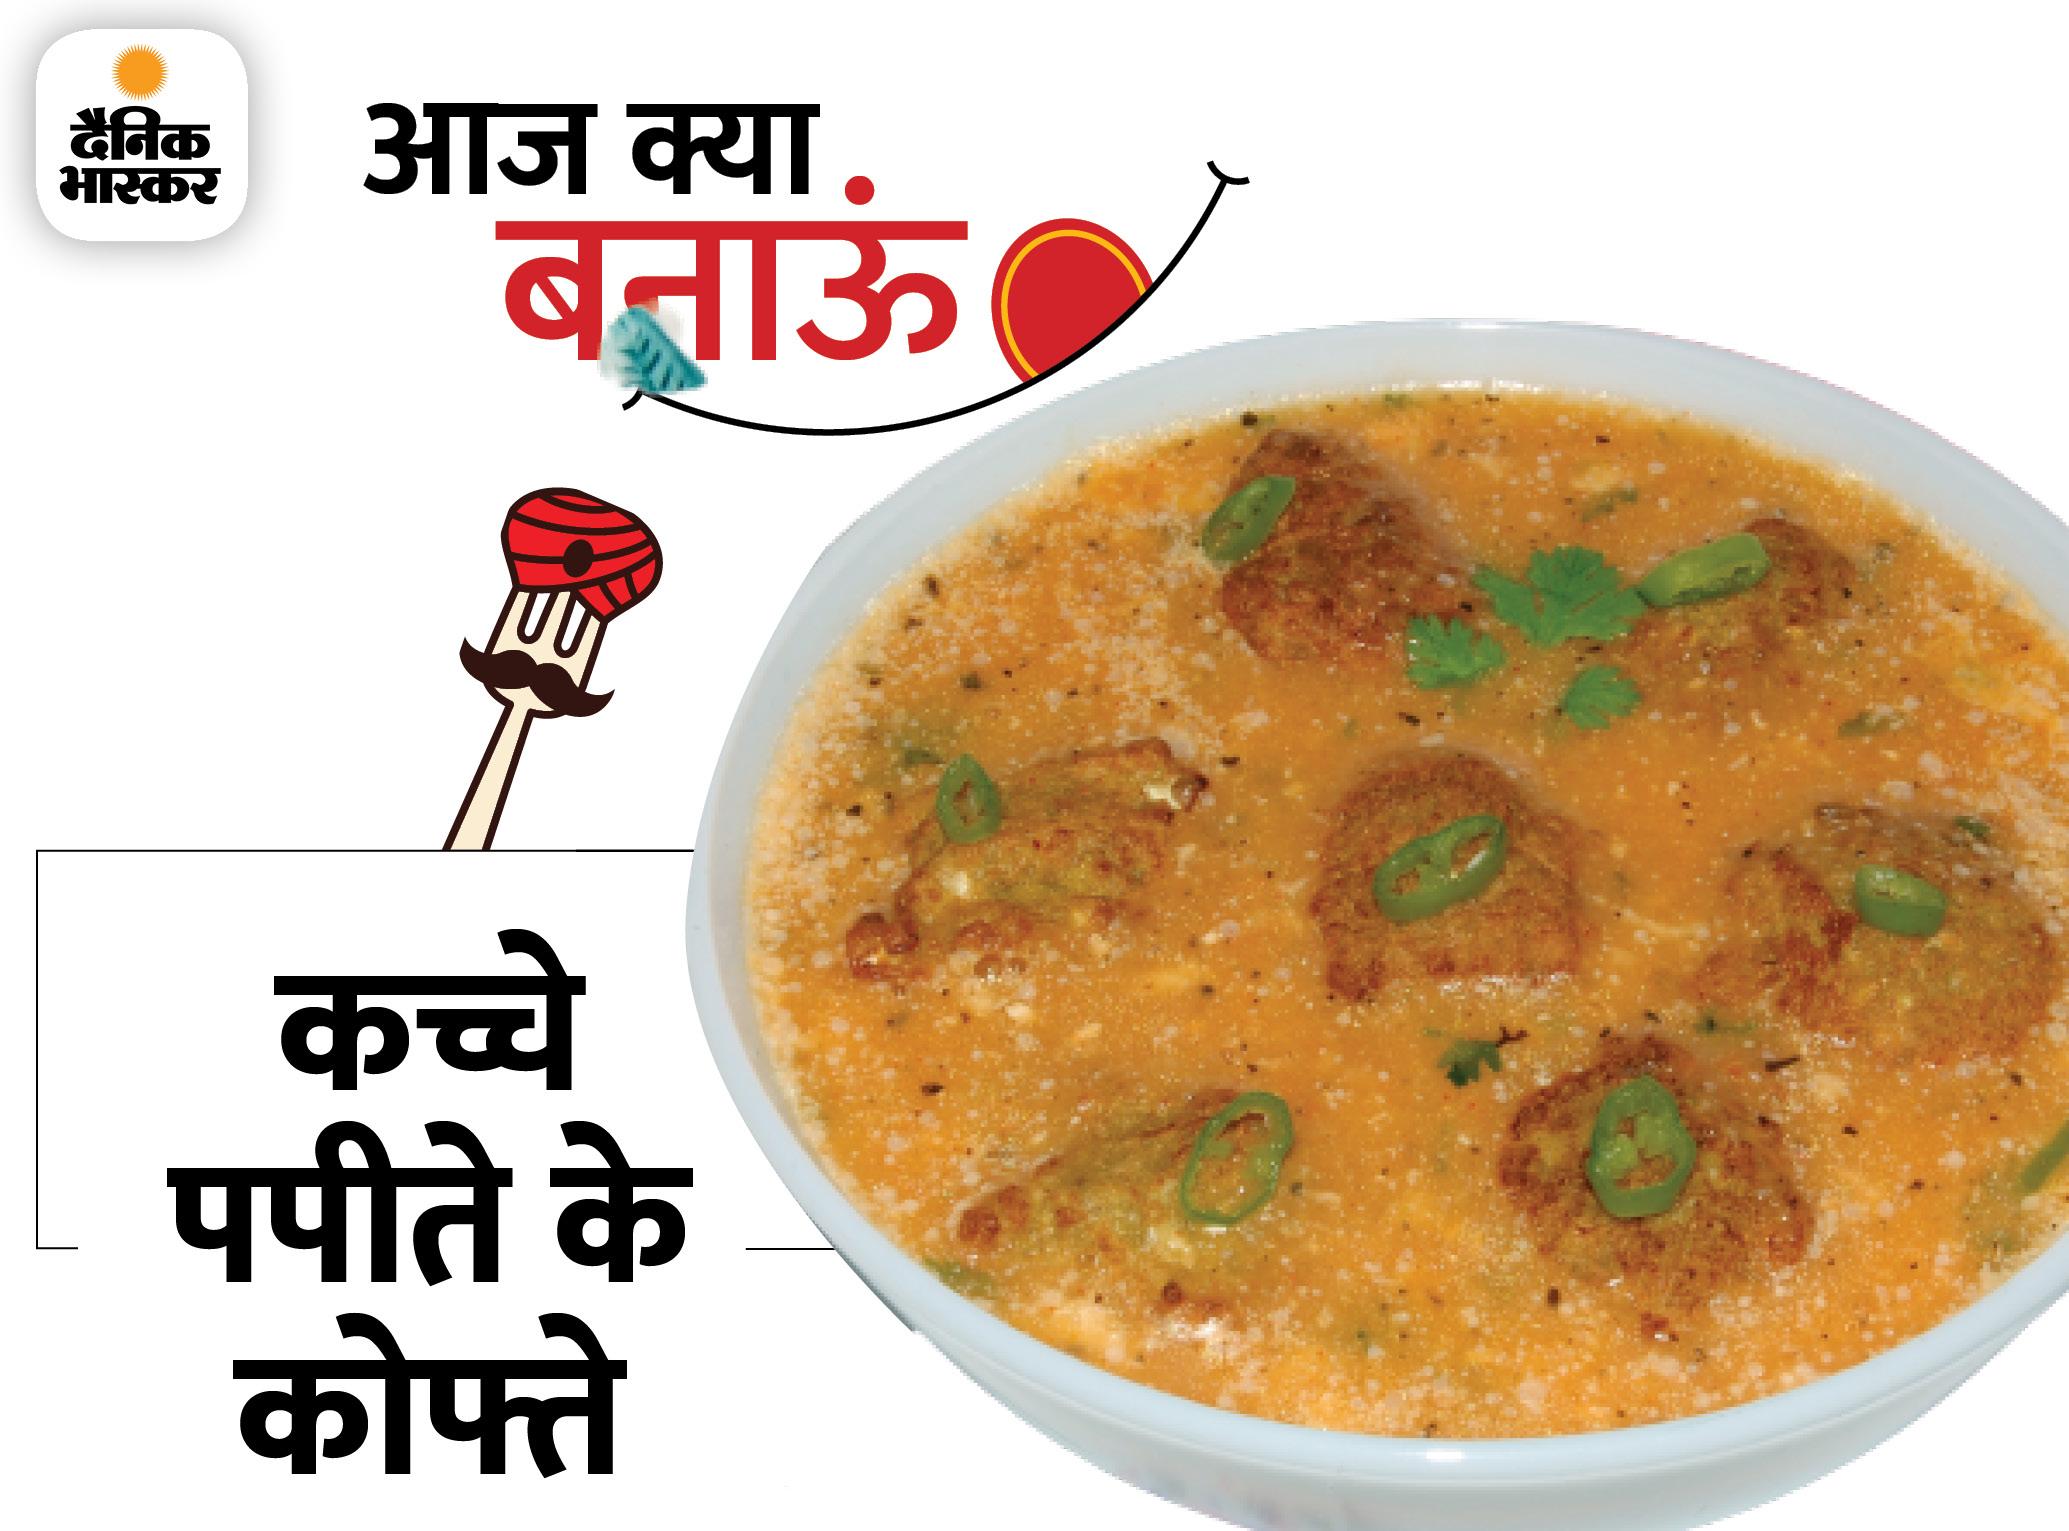 कुछ डिफरेंट खाने का मन हो तो कच्चे पपीते के कोफ्ते बनाएं, घर आए मेहमानों को भी पसंद आएगी ये डिश|लाइफस्टाइल,Lifestyle - Dainik Bhaskar